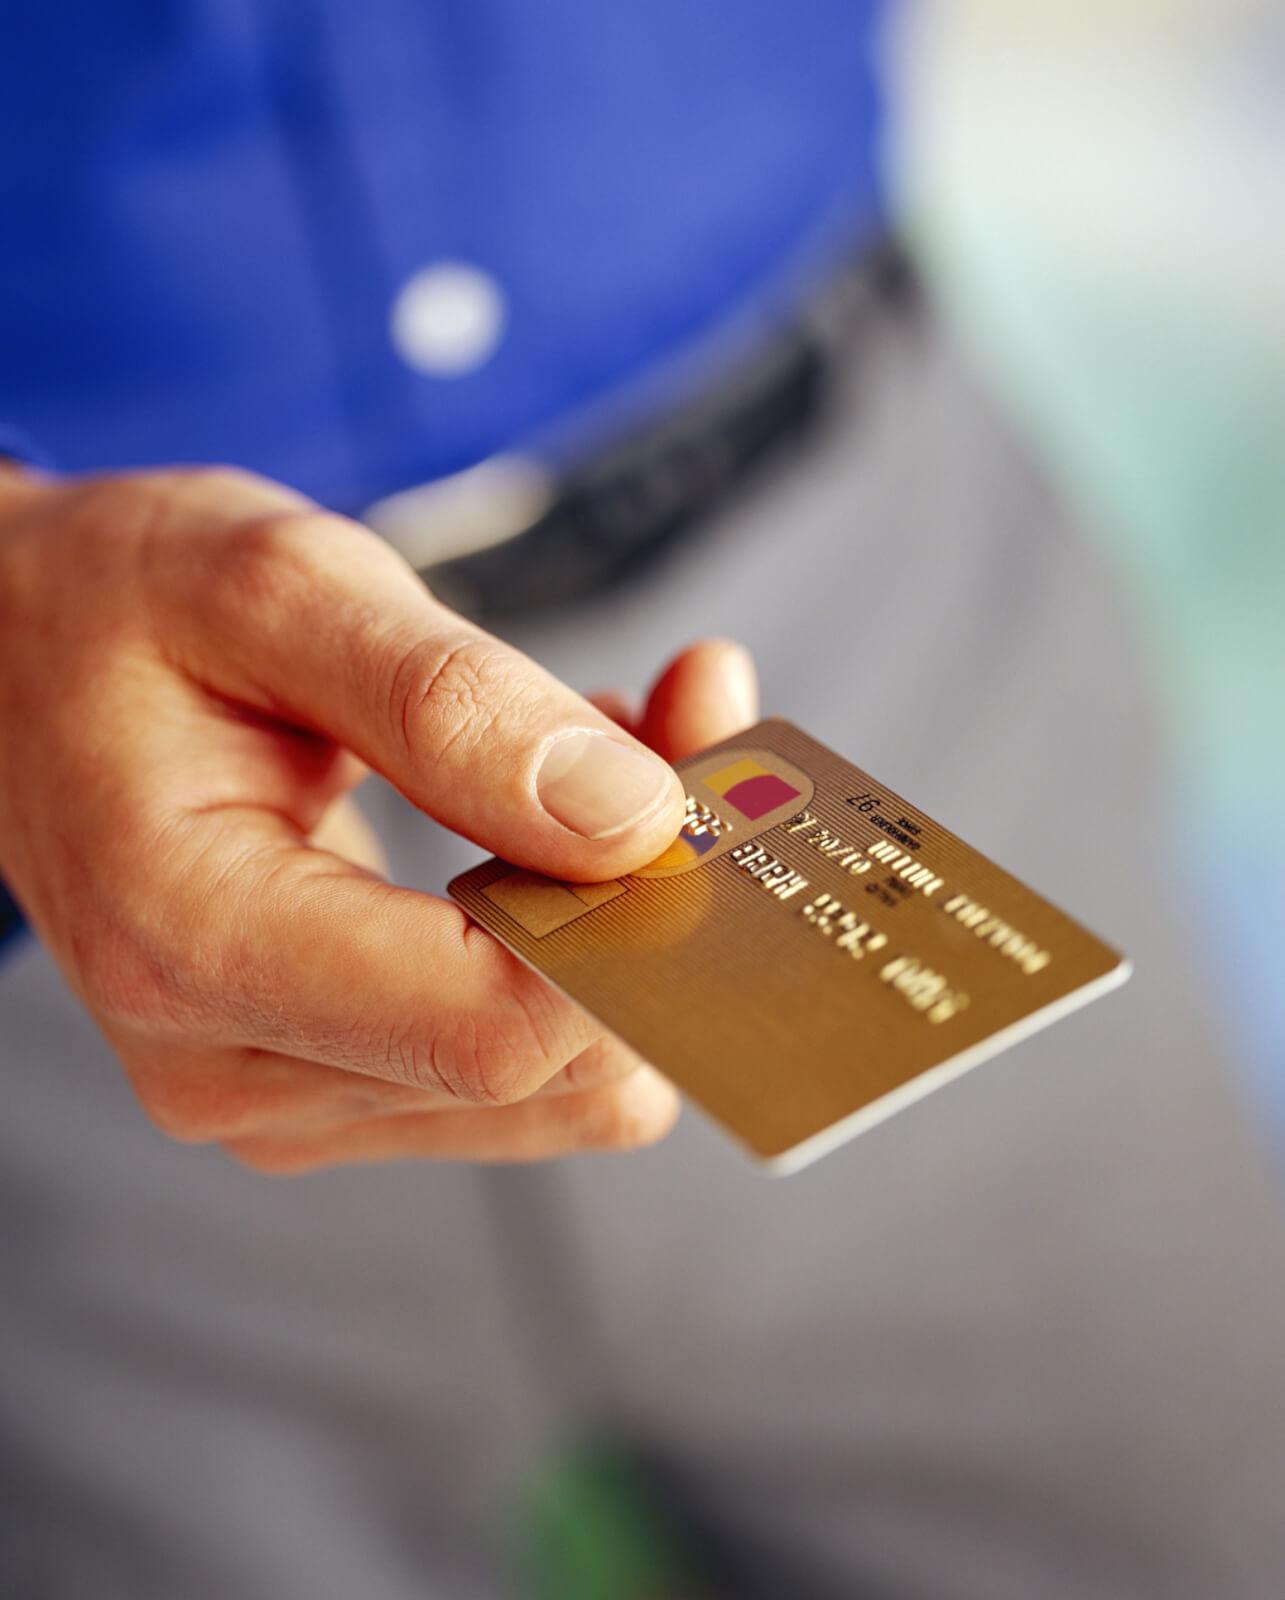 Где оформить кредитную карту без платы за годовое обслуживание, их преимущества и недостатки